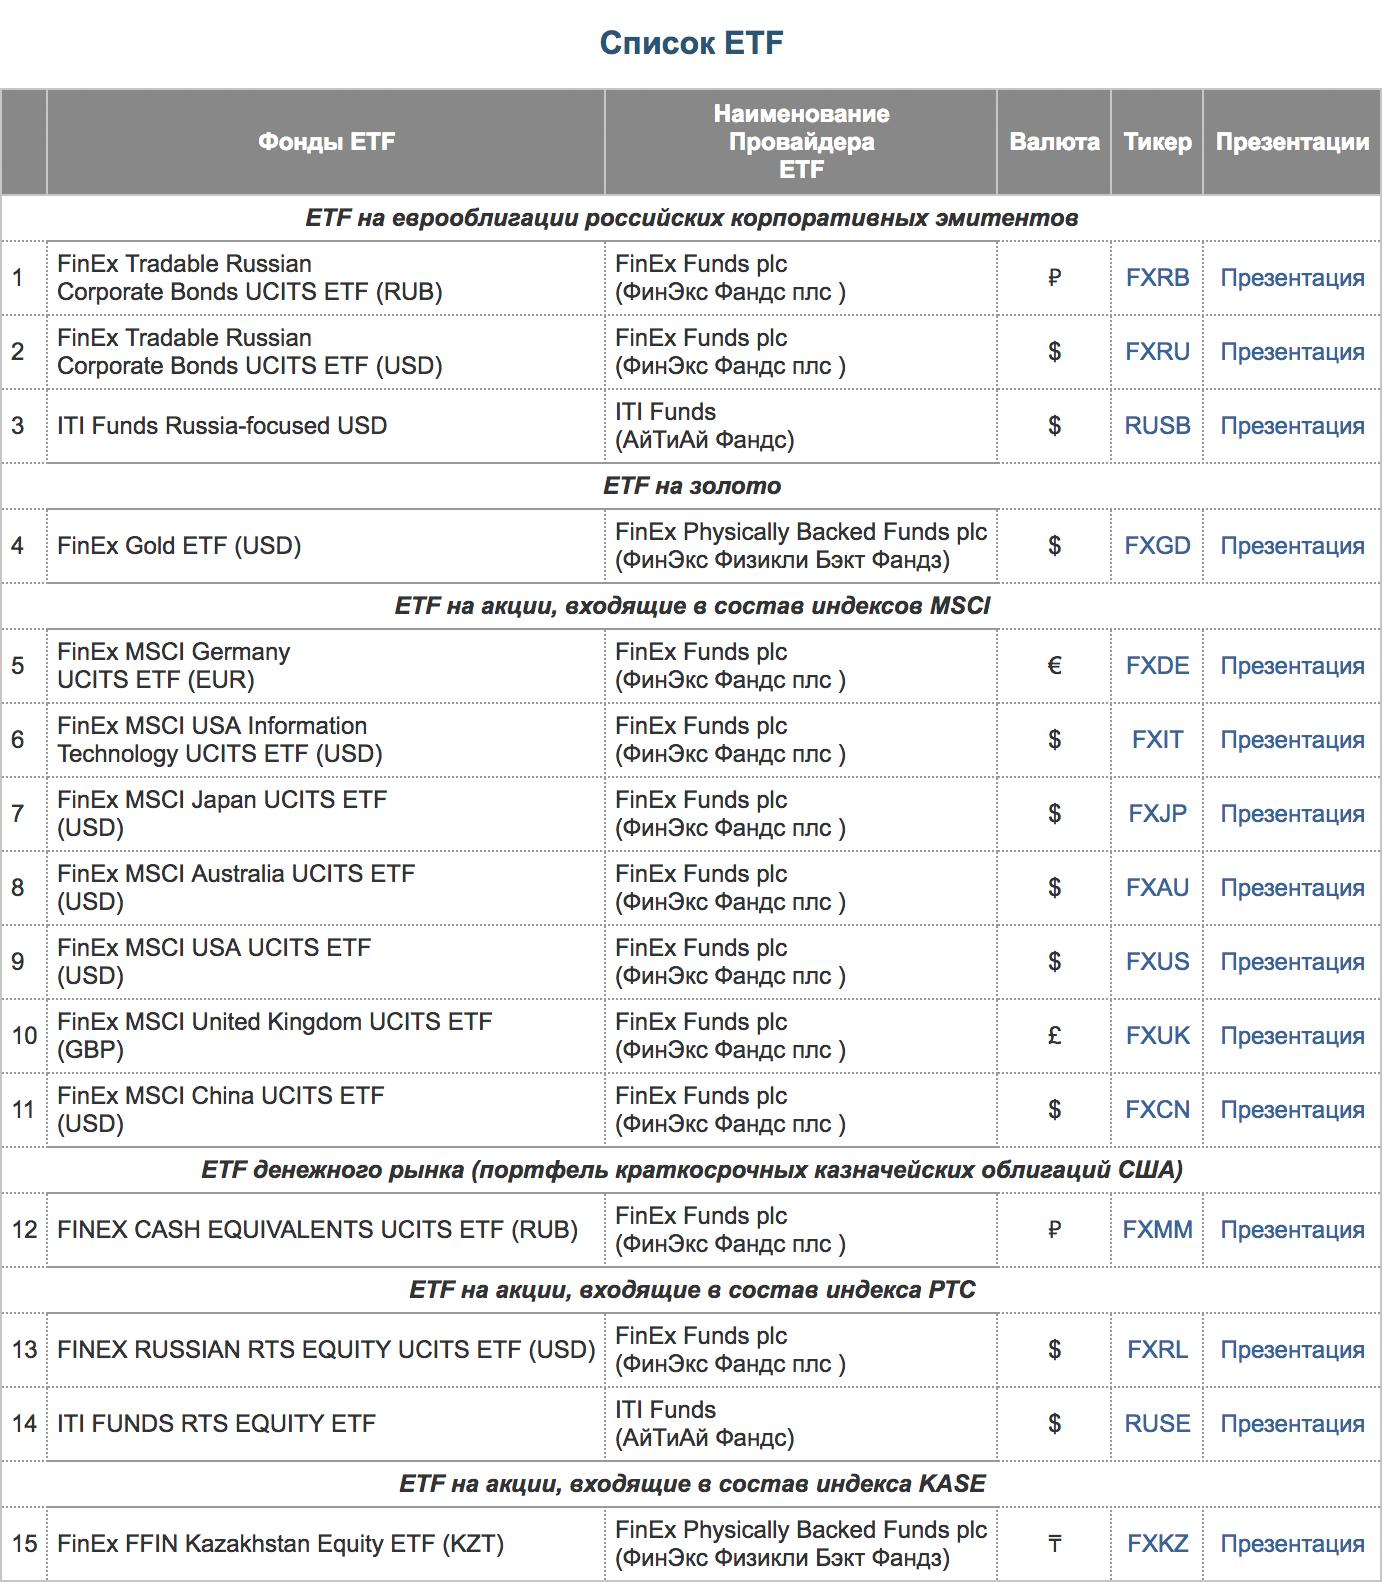 Список ETF на сайте Московской биржи